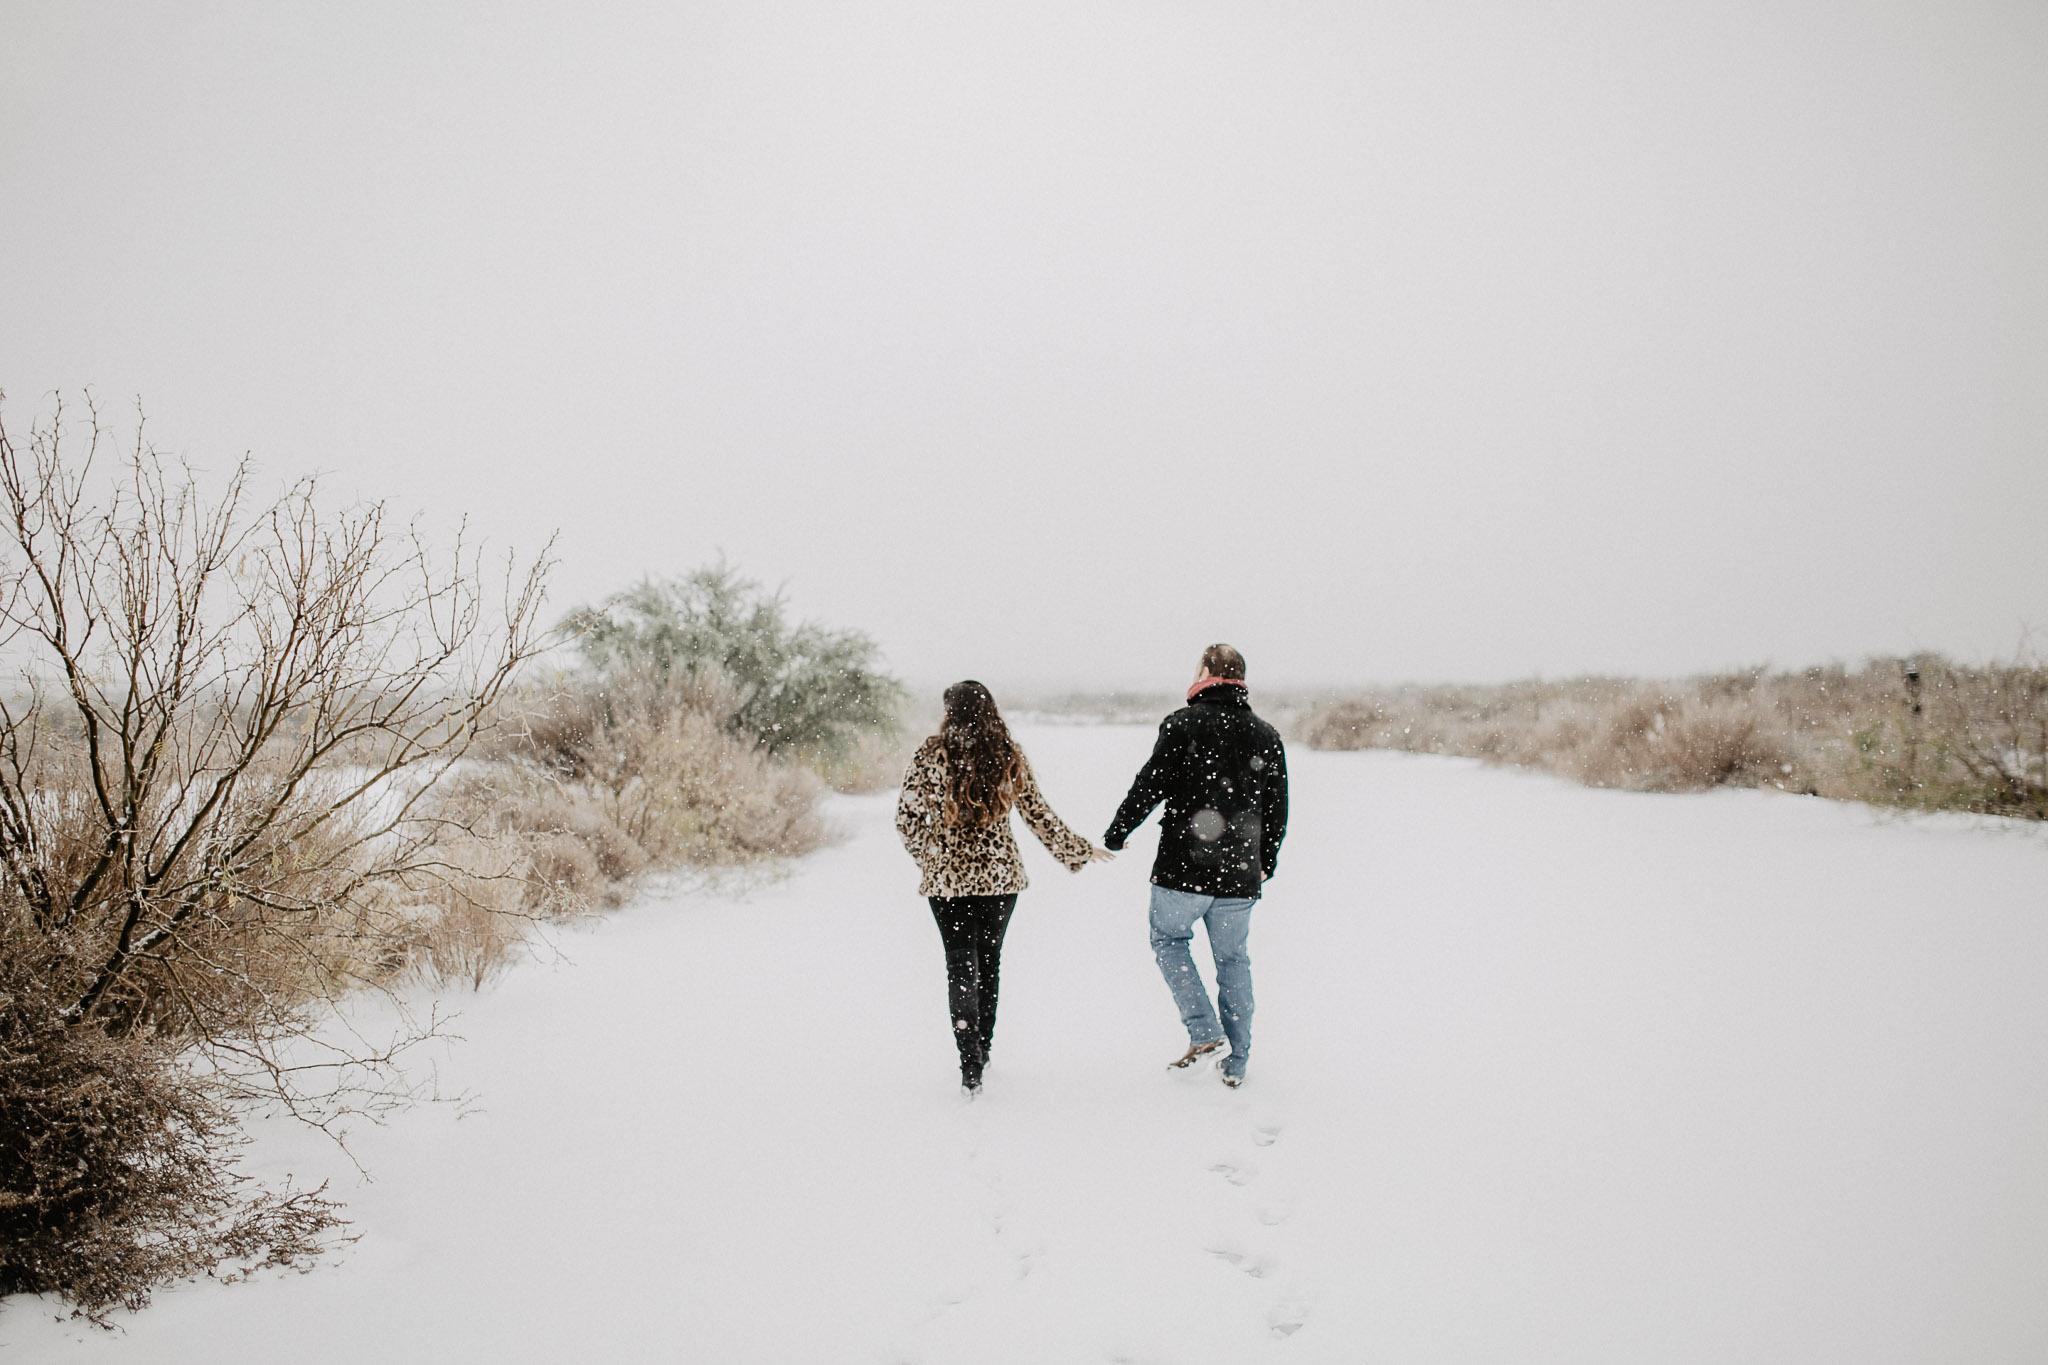 sesion-en-la-nieve-IMG_2880.jpg